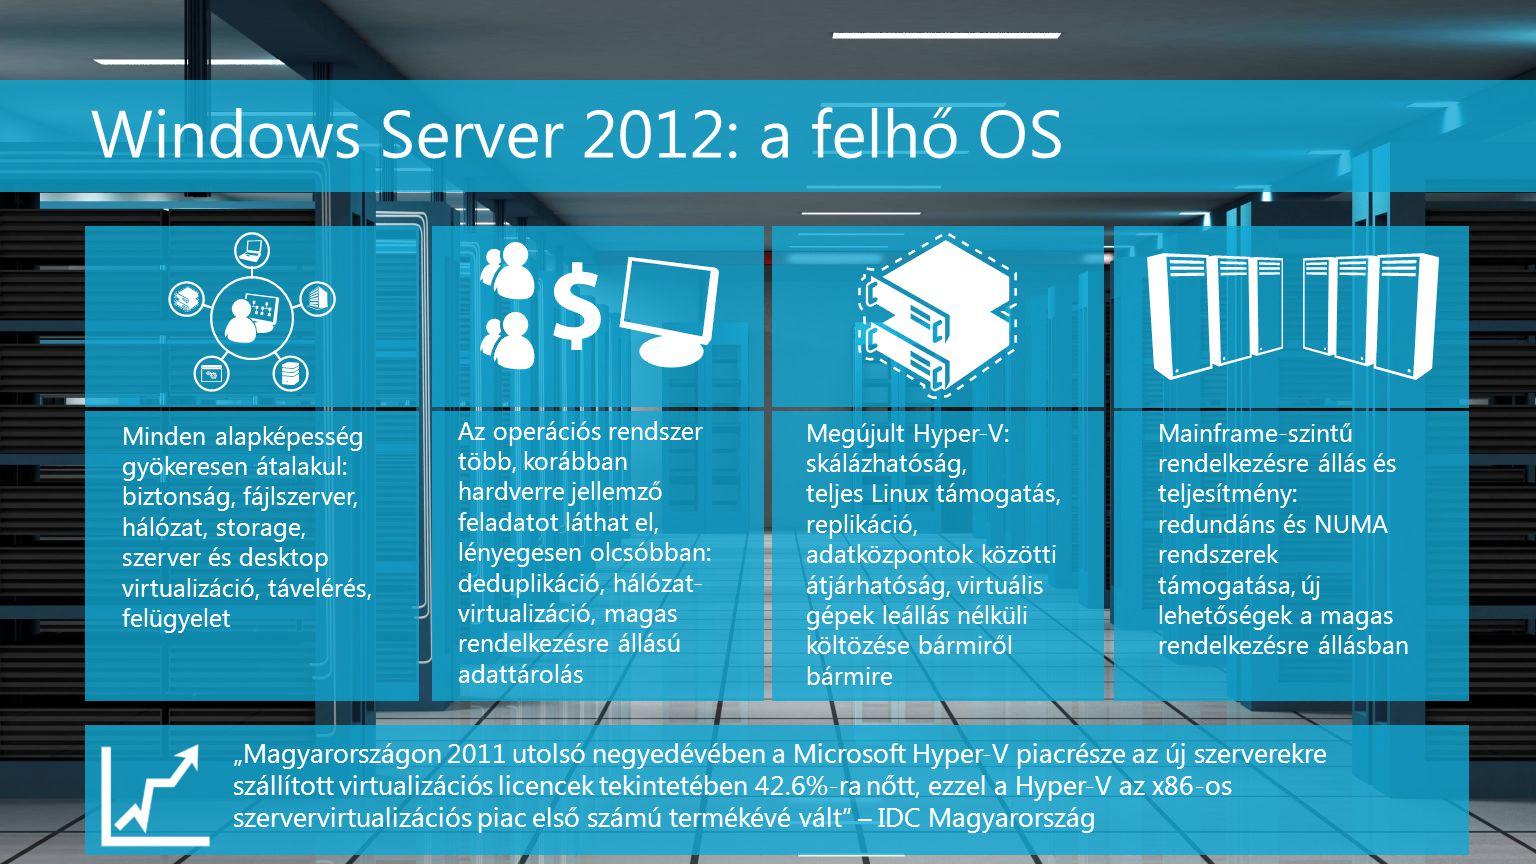 Windows Server 2012: a felhő OS